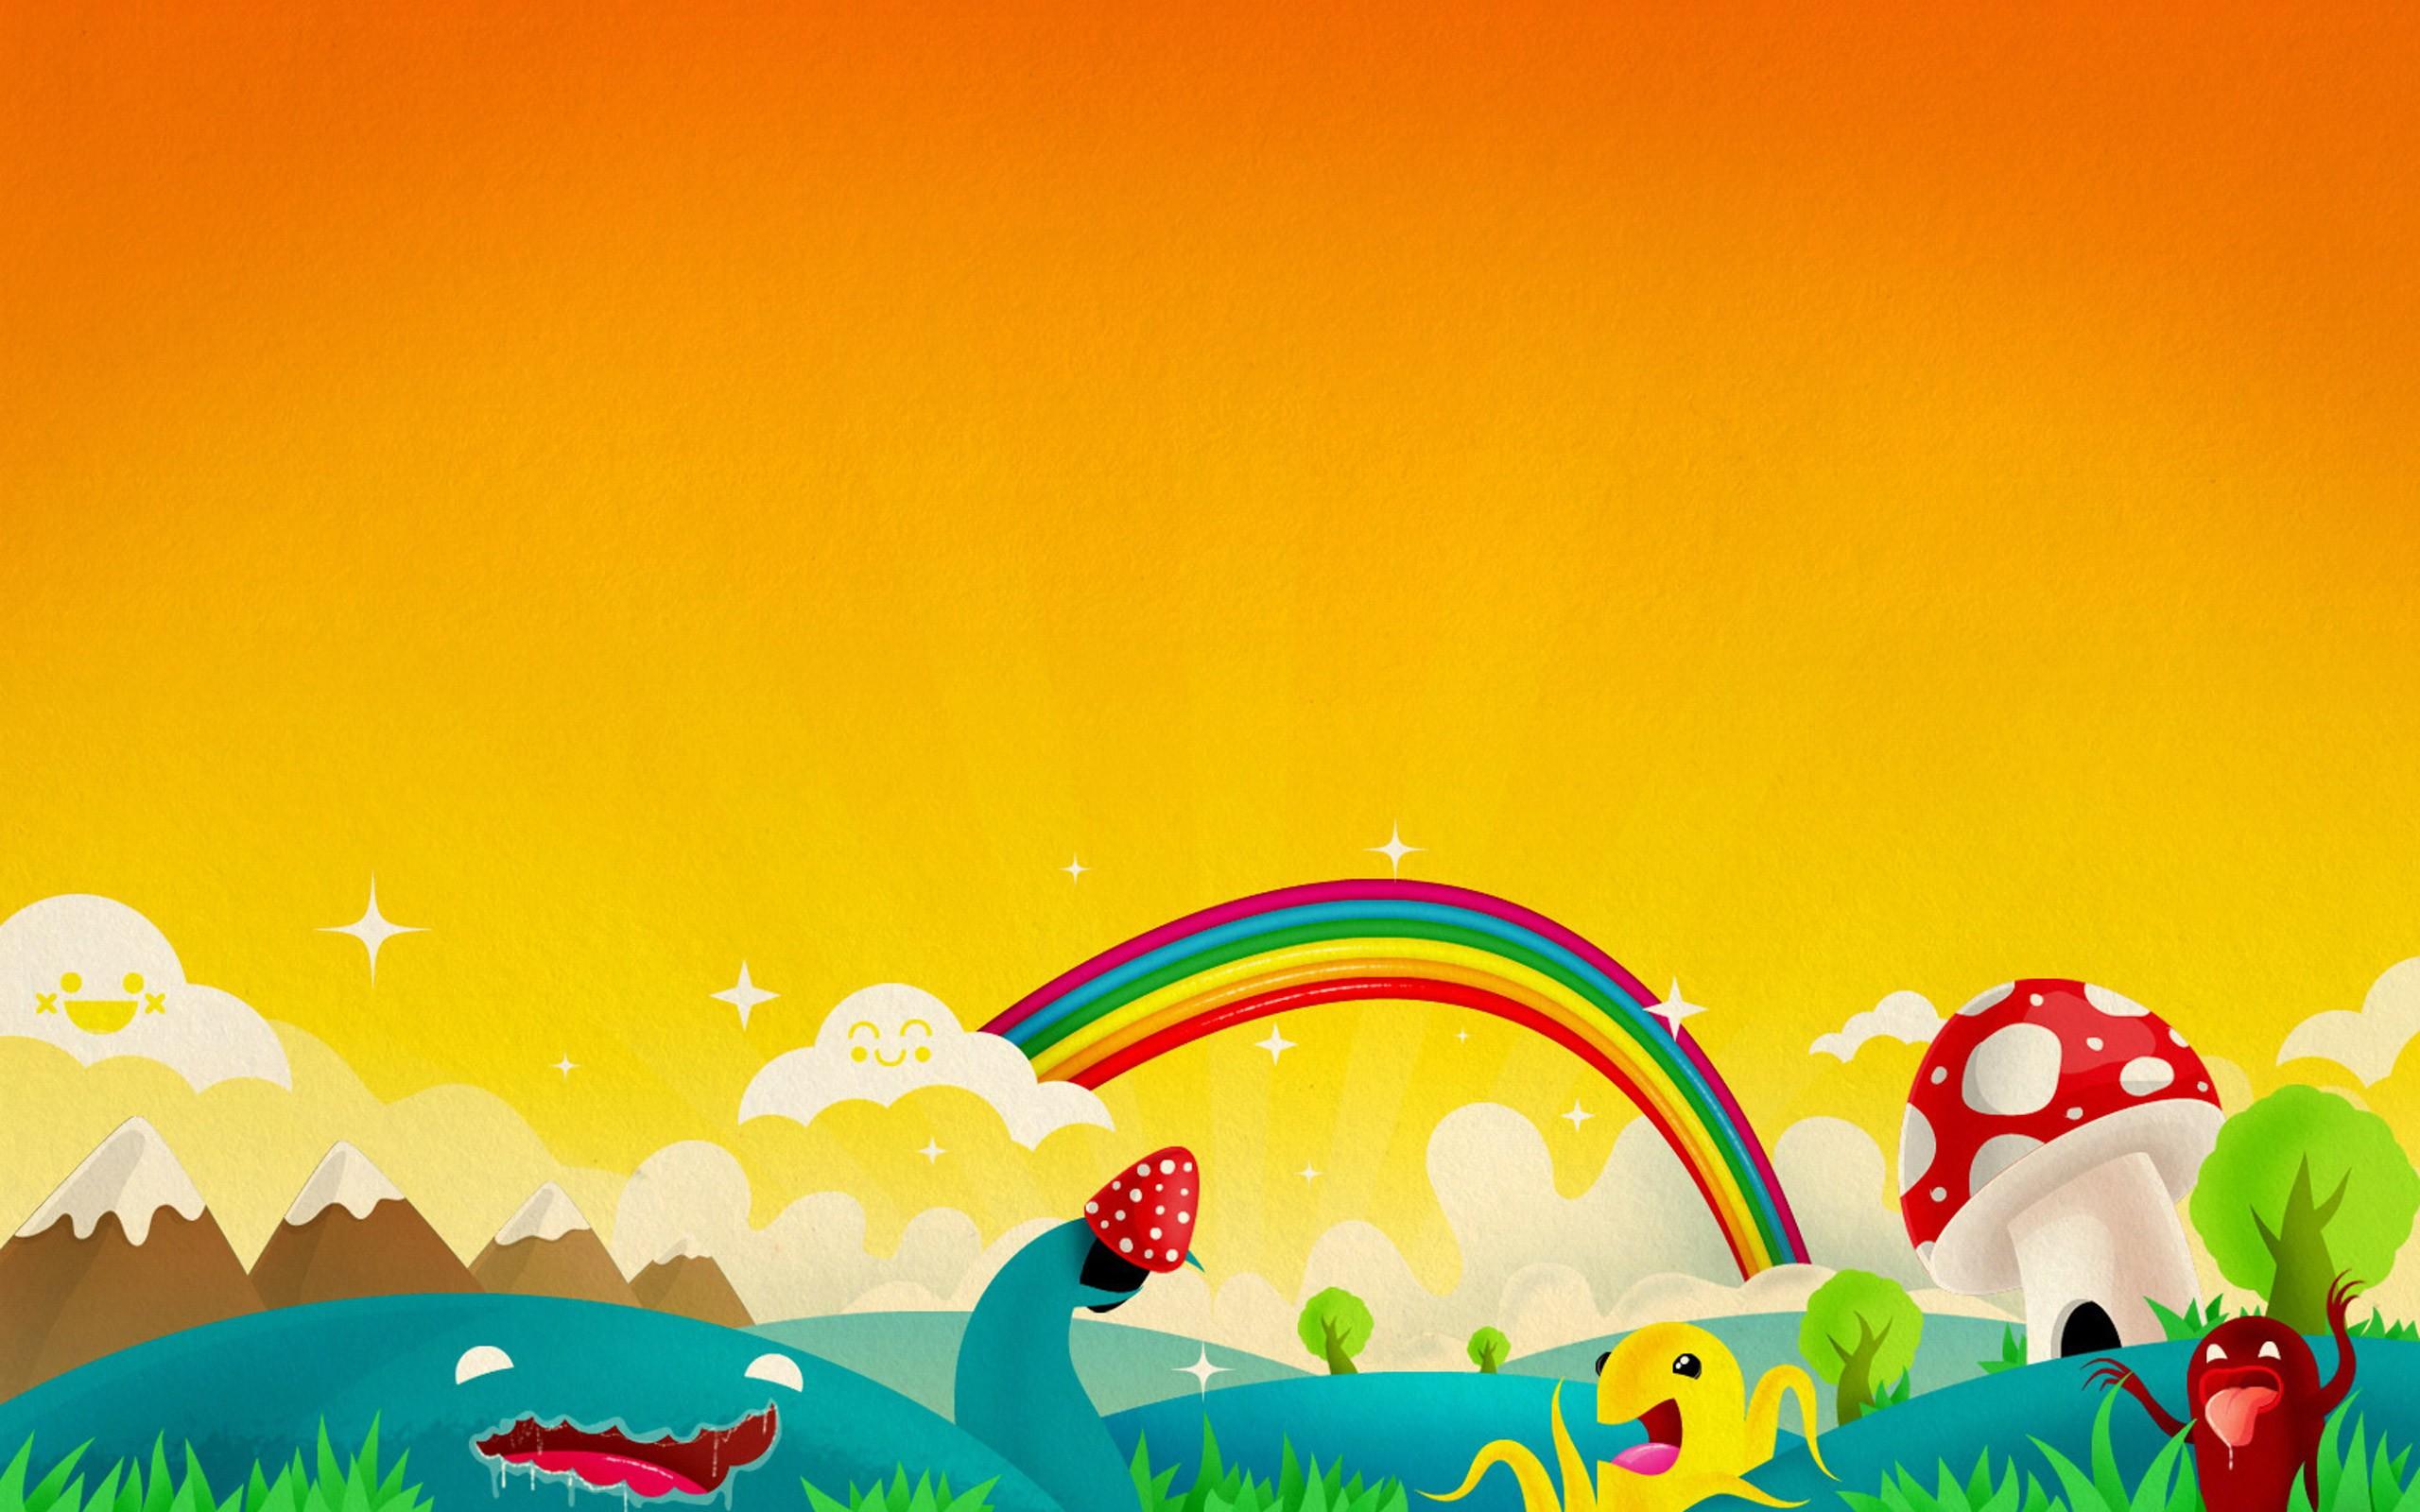 радуга, закат, оранжевое небо, рисунок, скачать